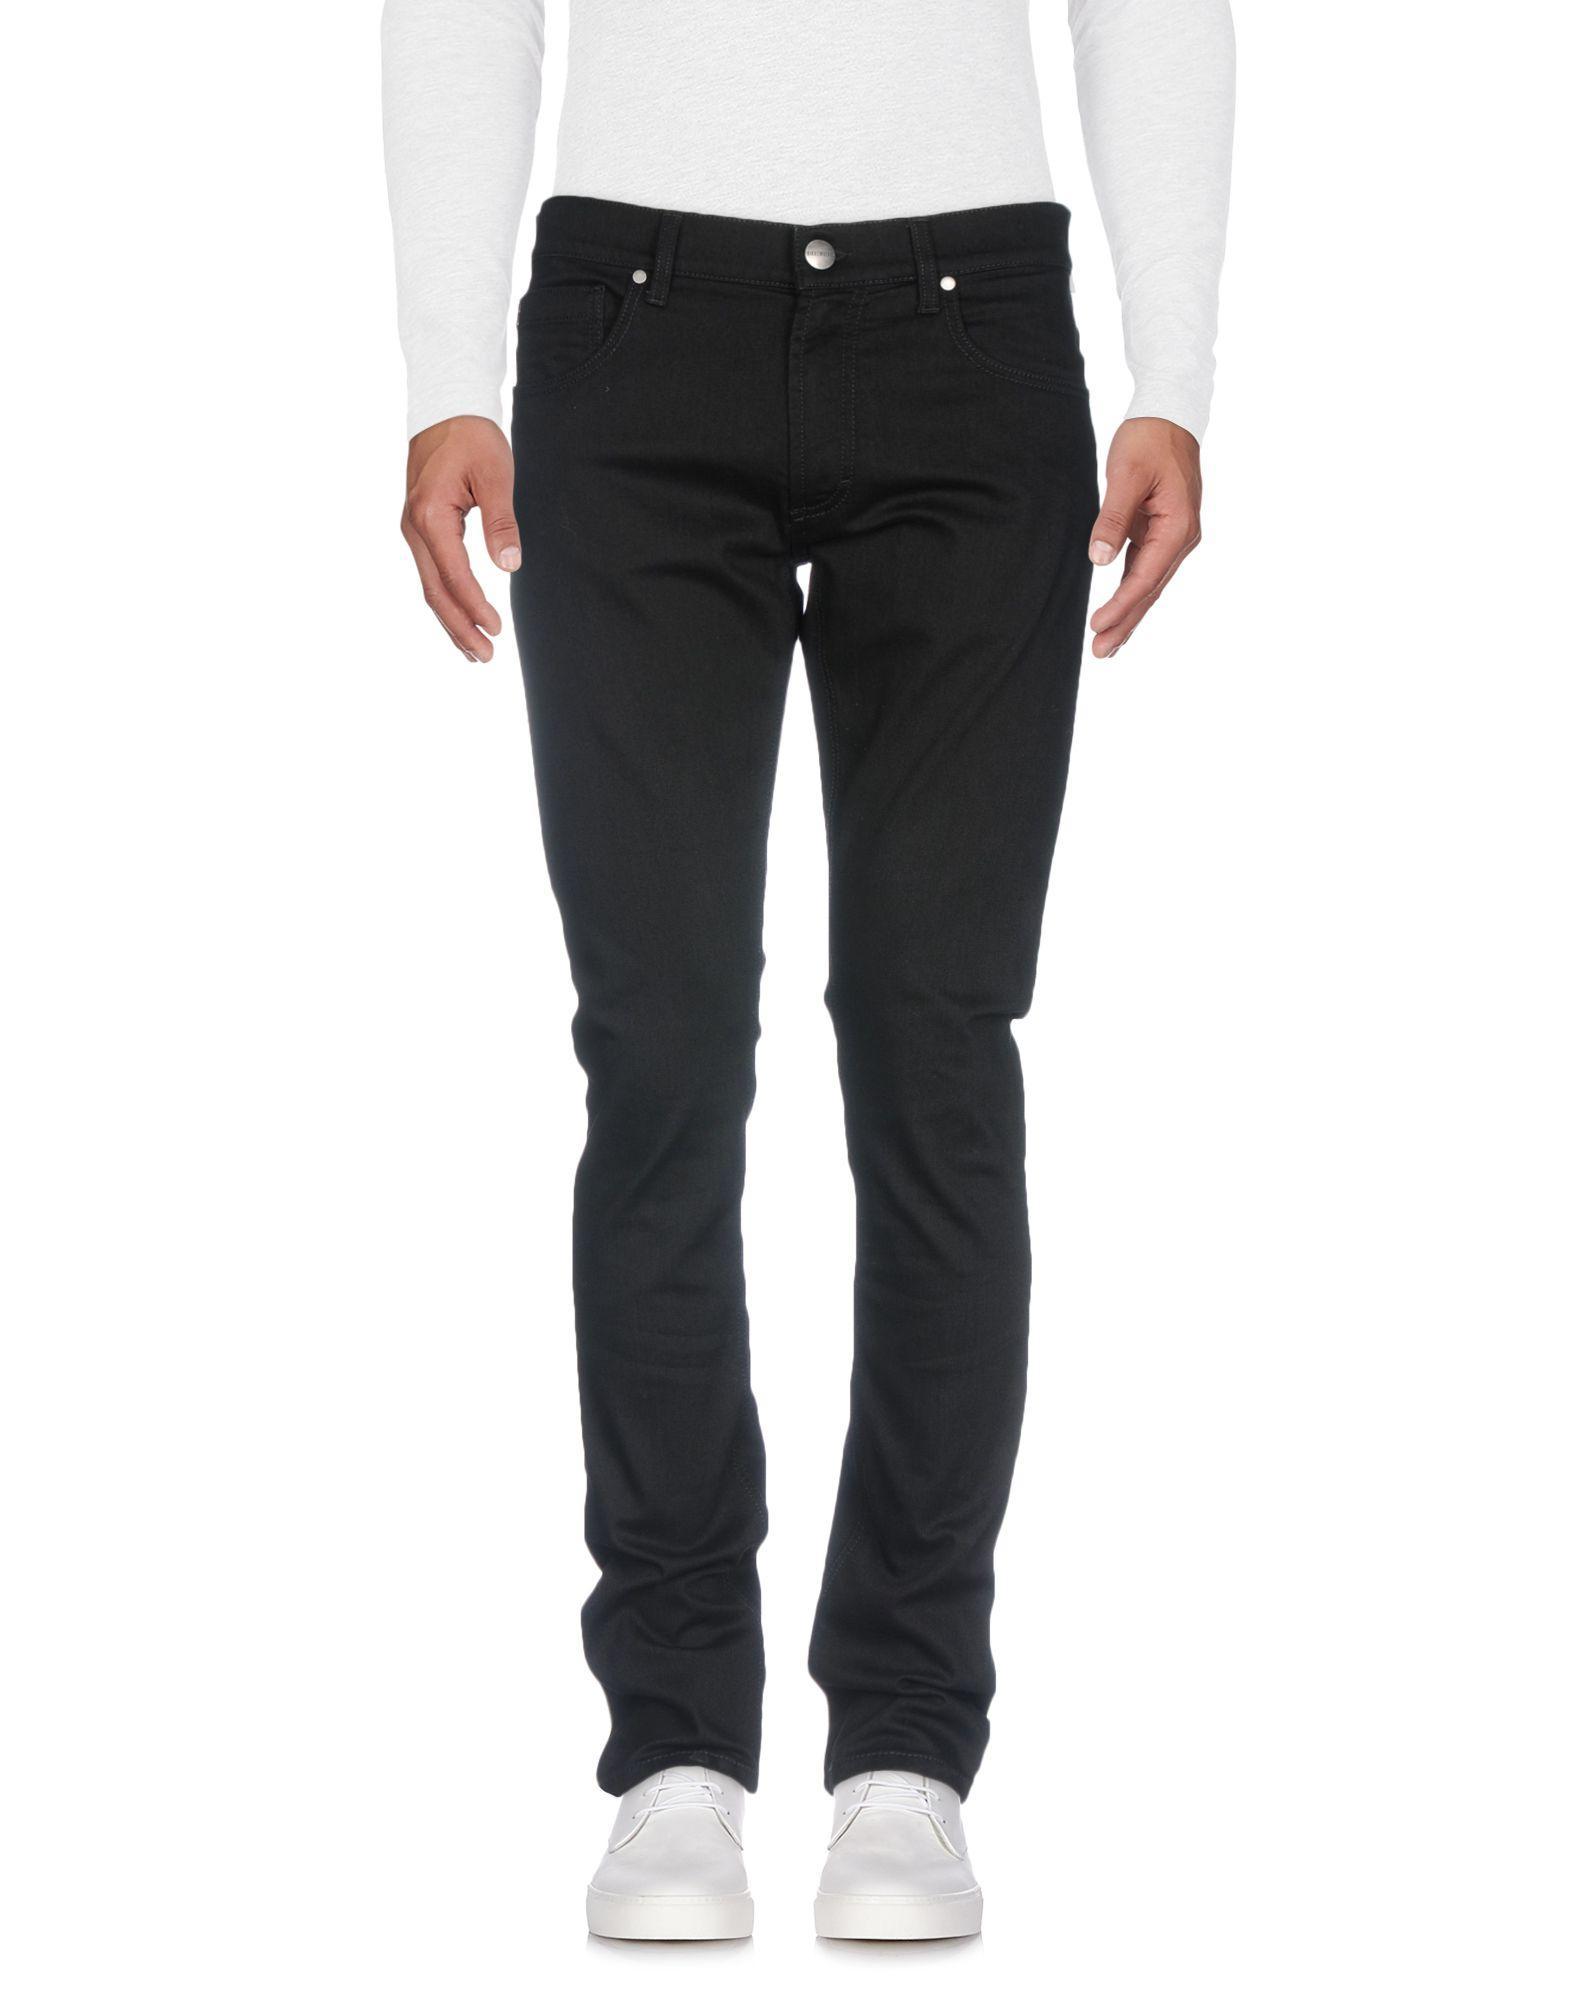 Bikkembergs Denim Pants In Black